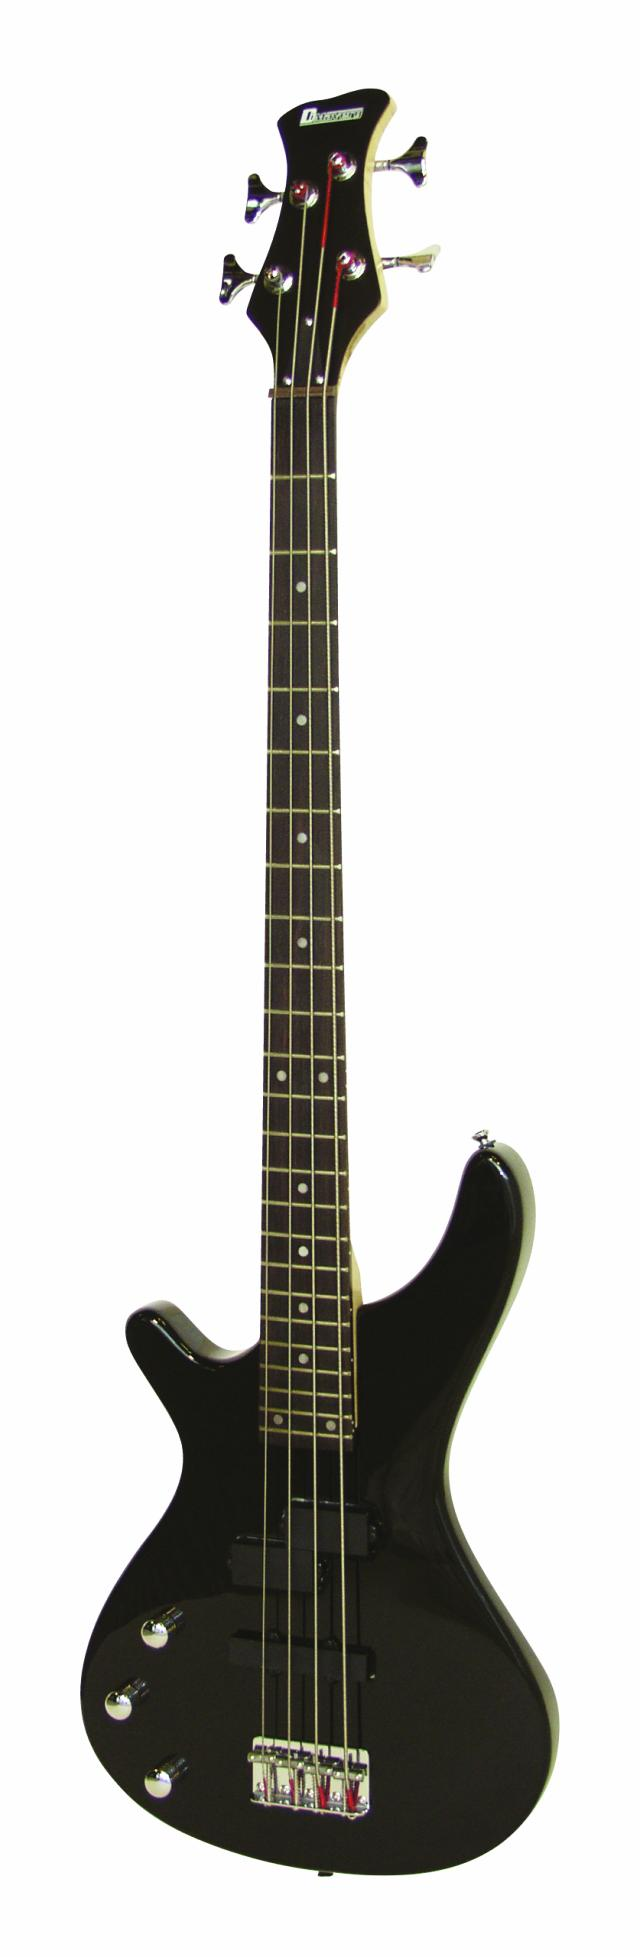 Dimavery SB-321 elektrická baskytara pro leváky, černá